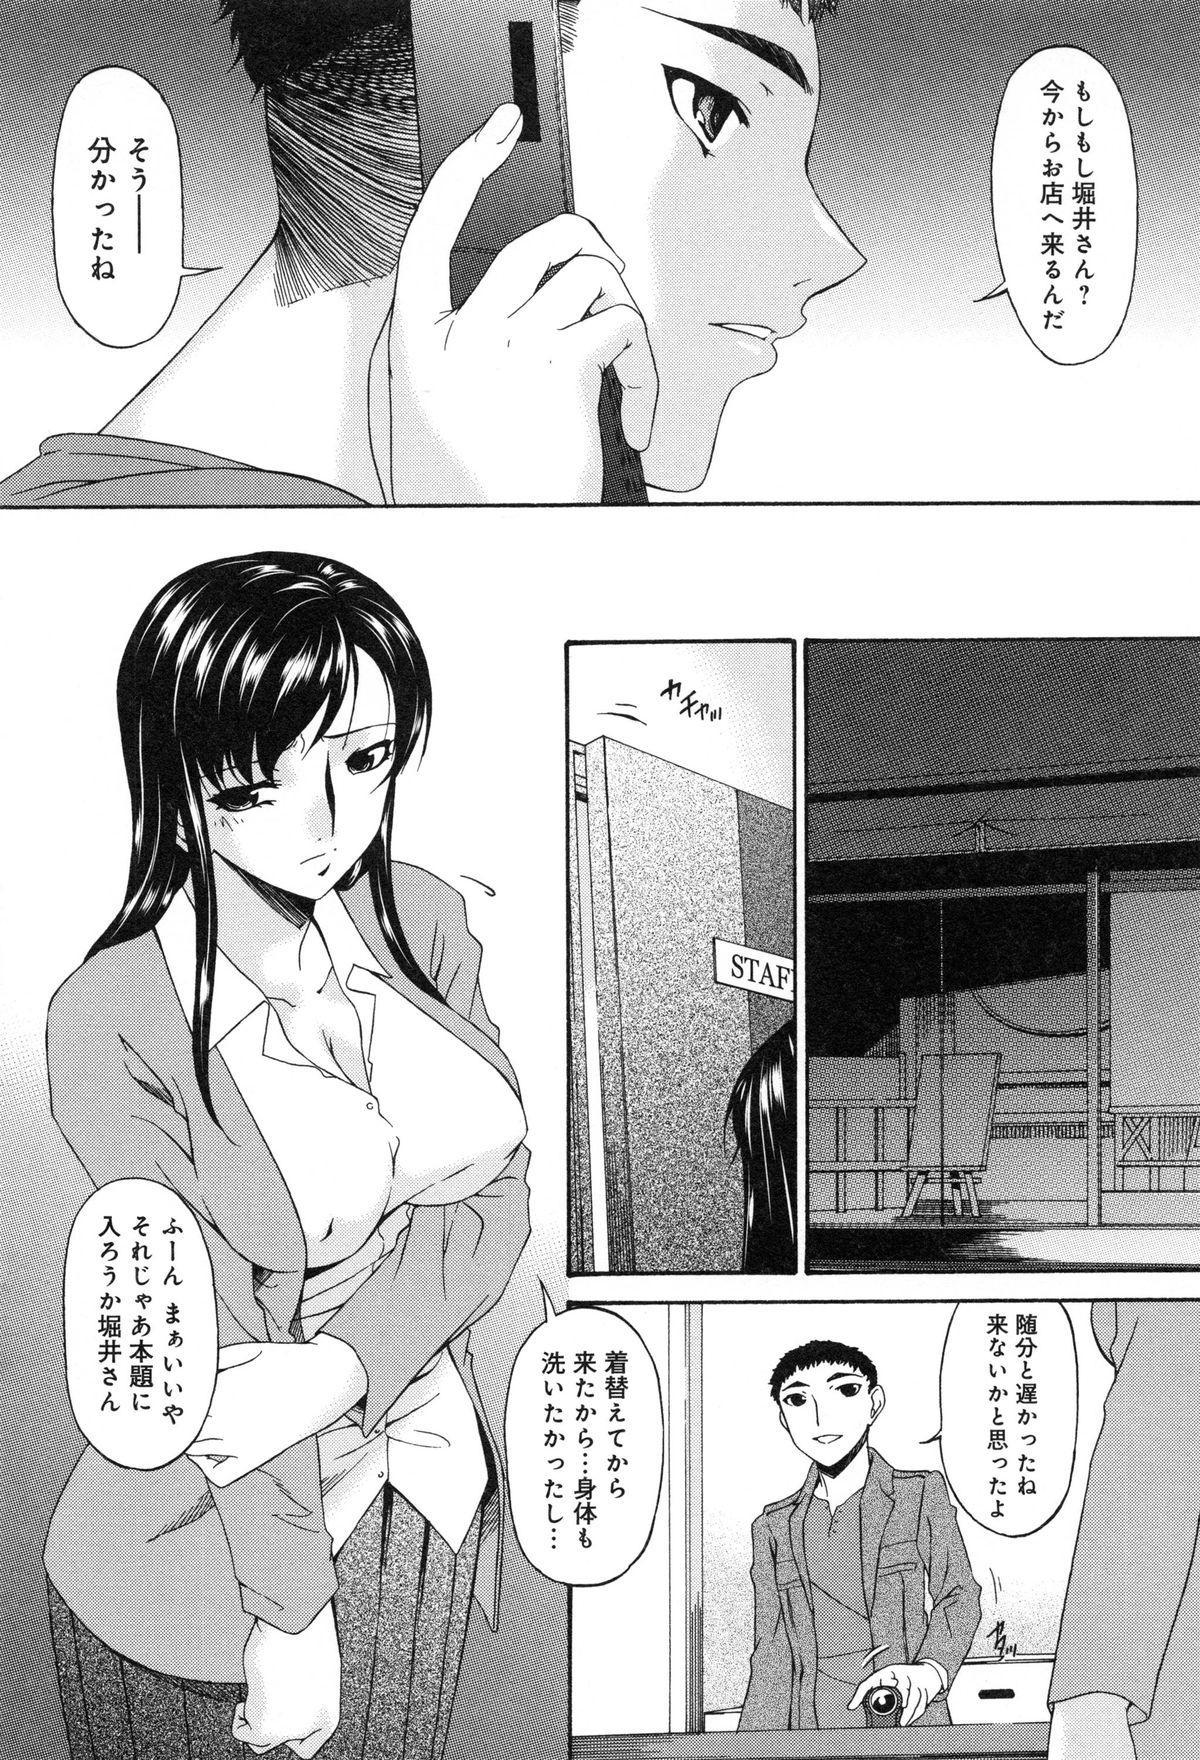 Shinshoku no Toki 102